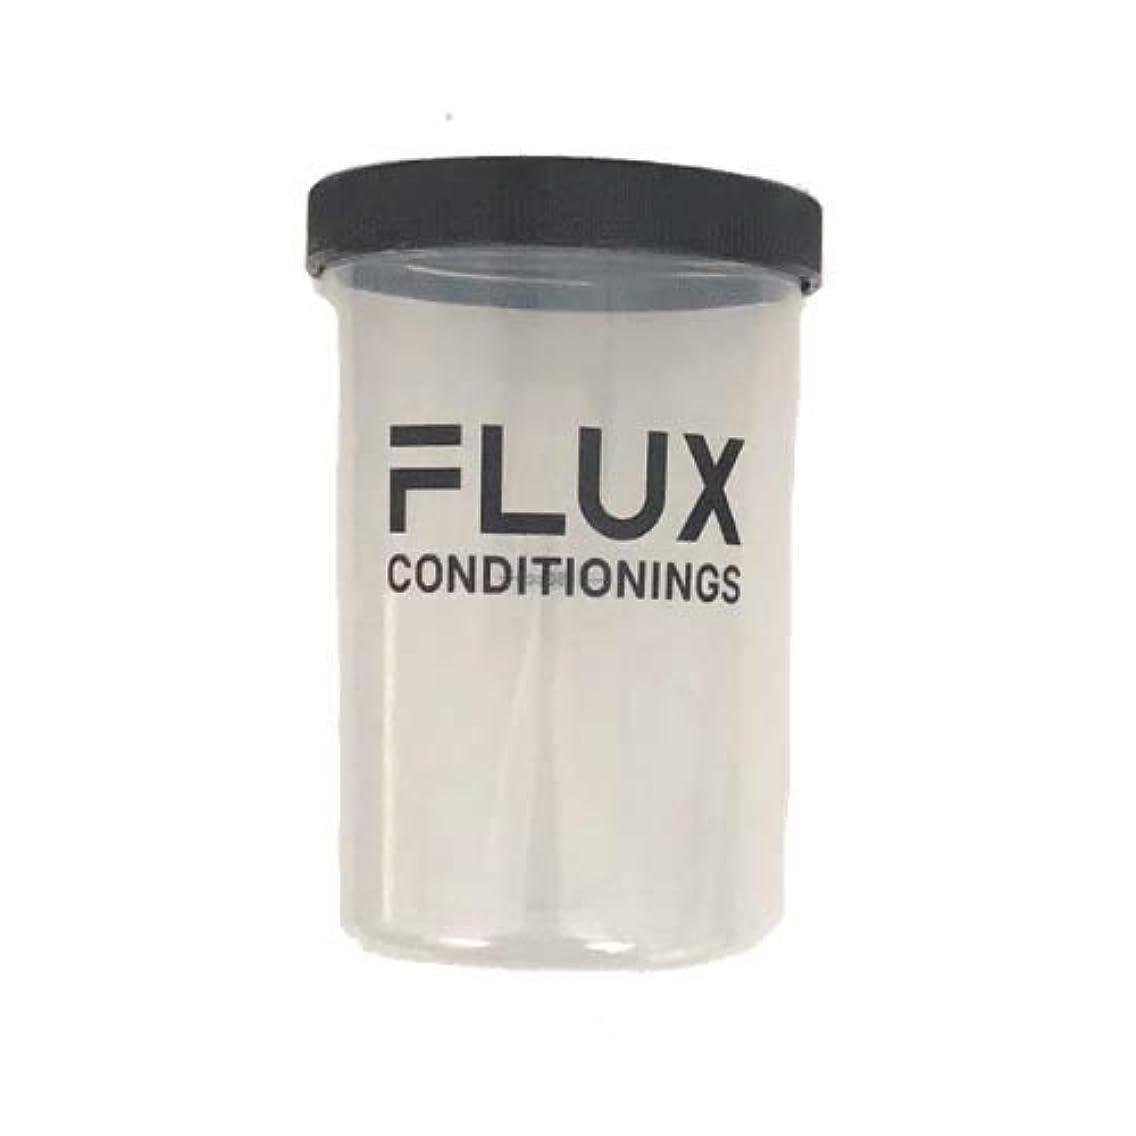 脇に前兆ビット代官山FLUX(フラックス)ジム、プロテインシェーカー (500ml)